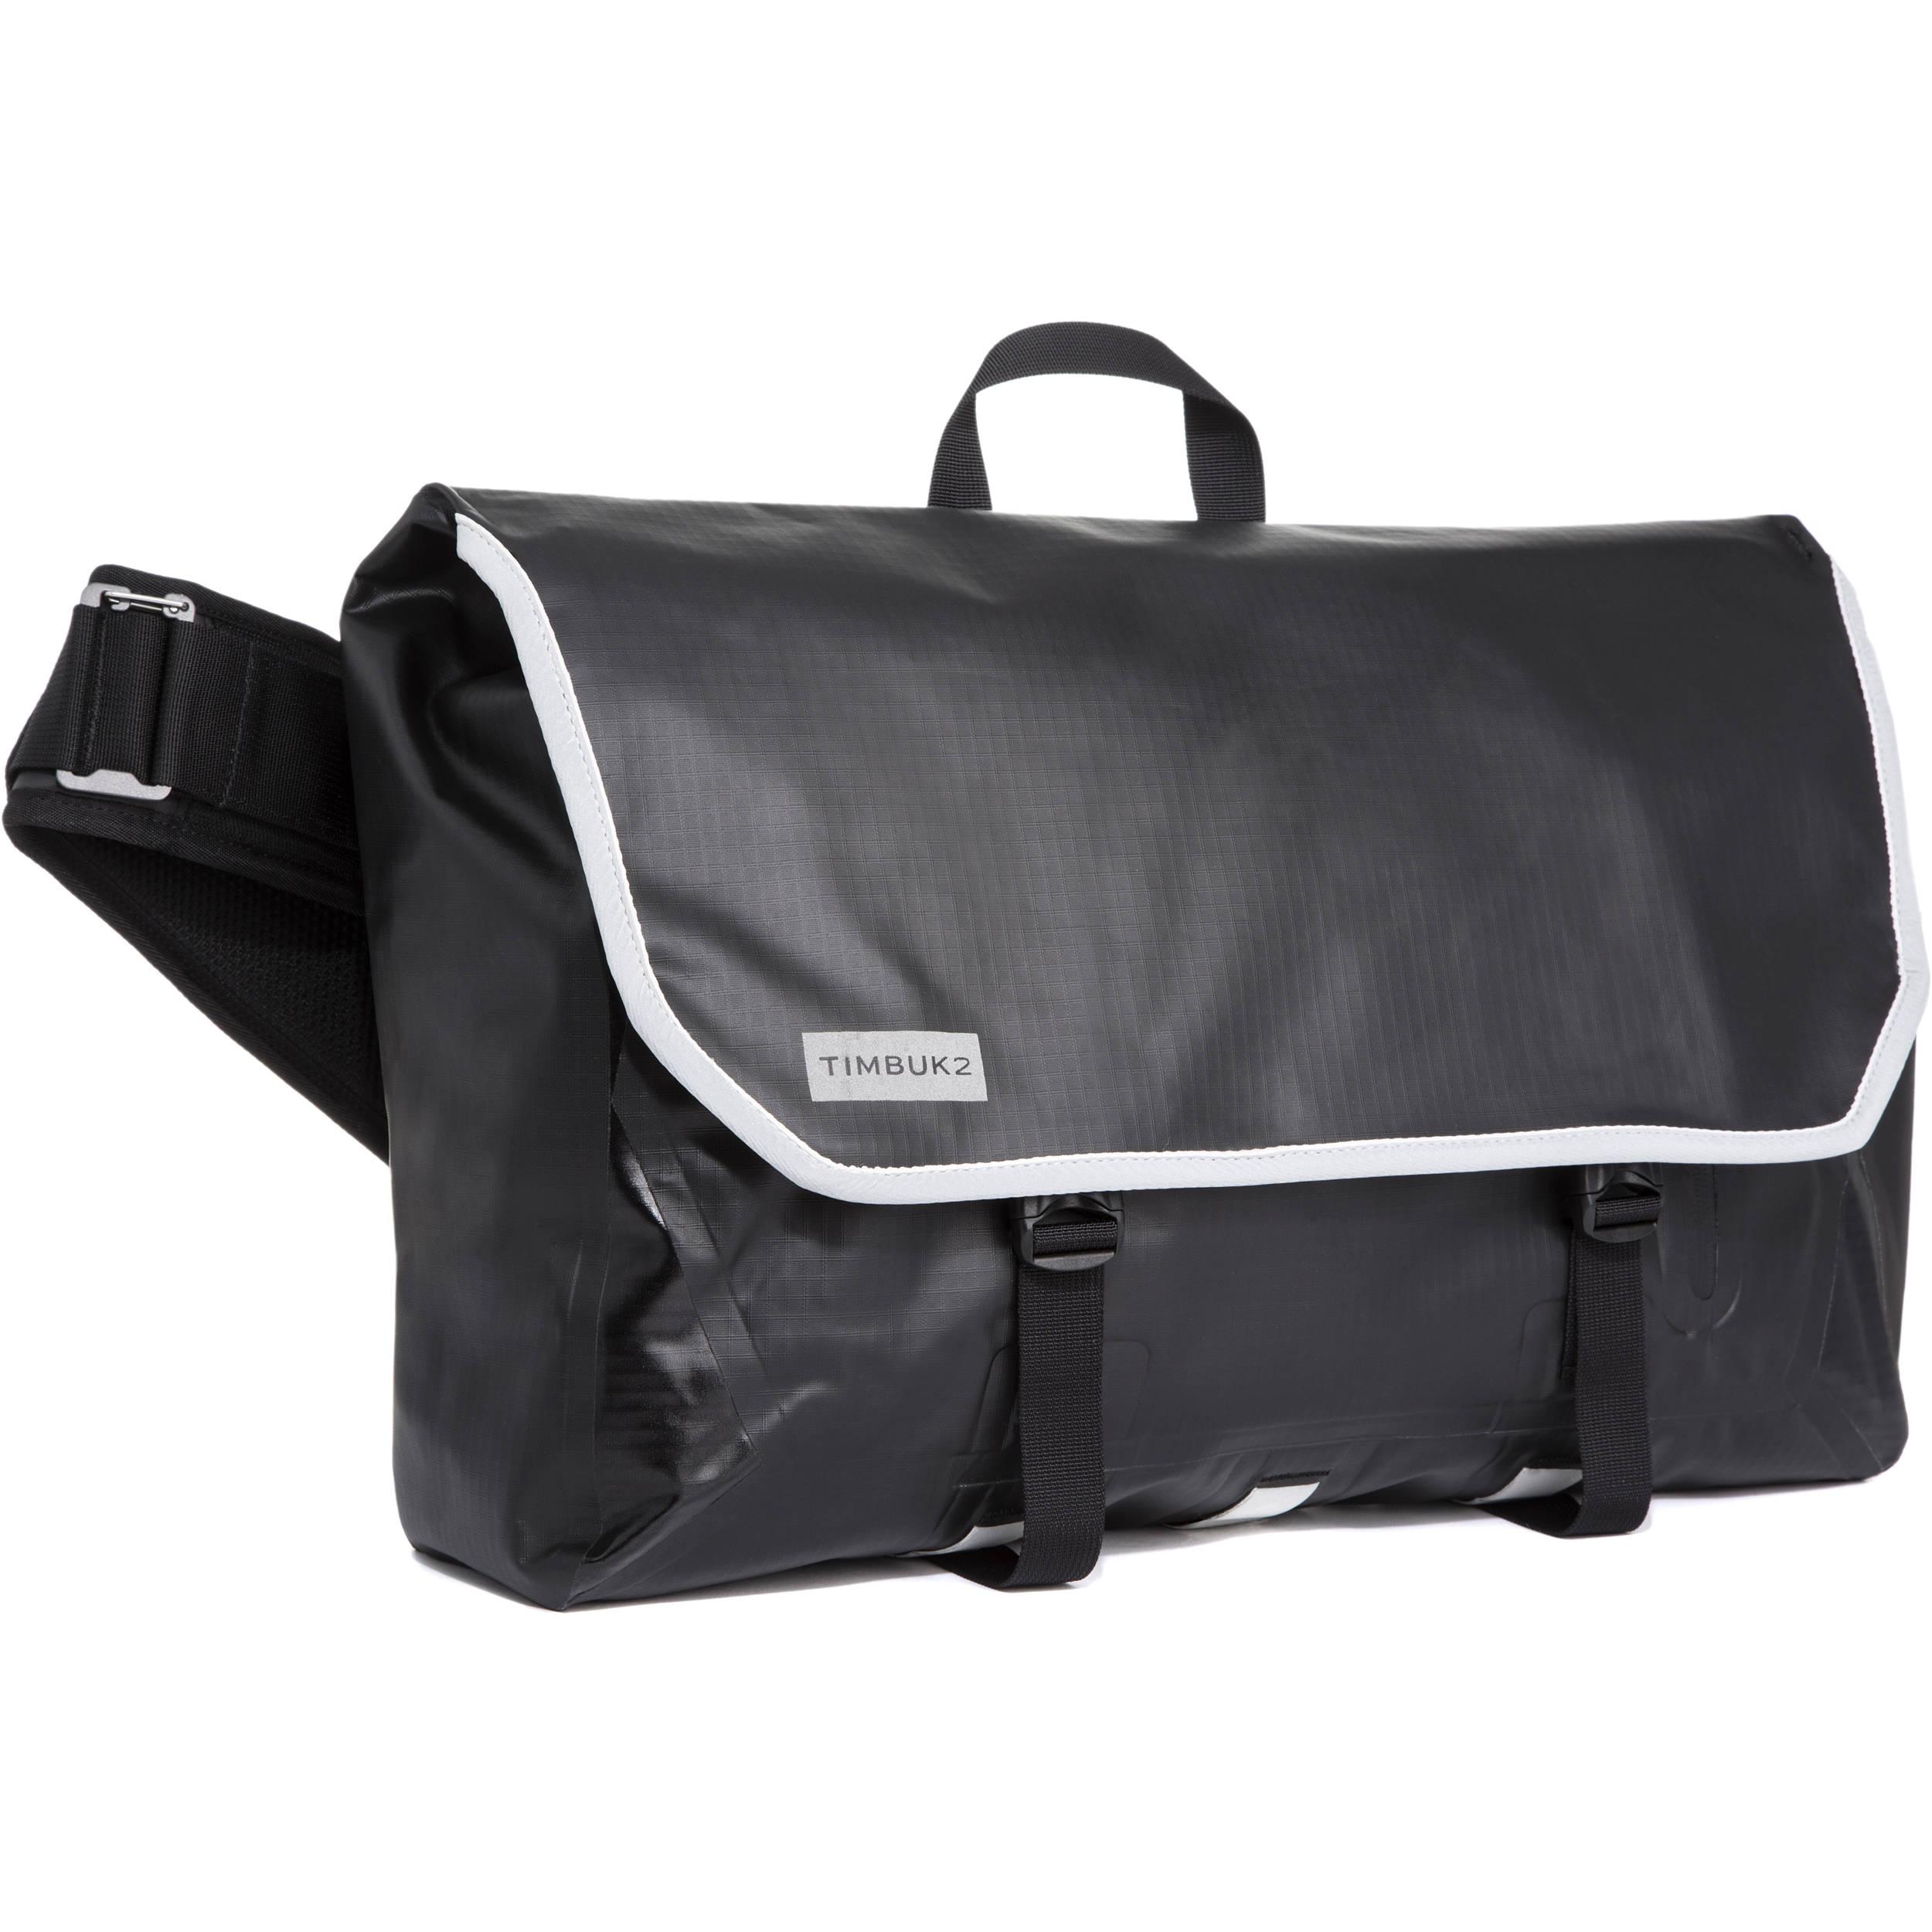 Timbuk2 Especial Primo Waterproof Messenger Bag Black